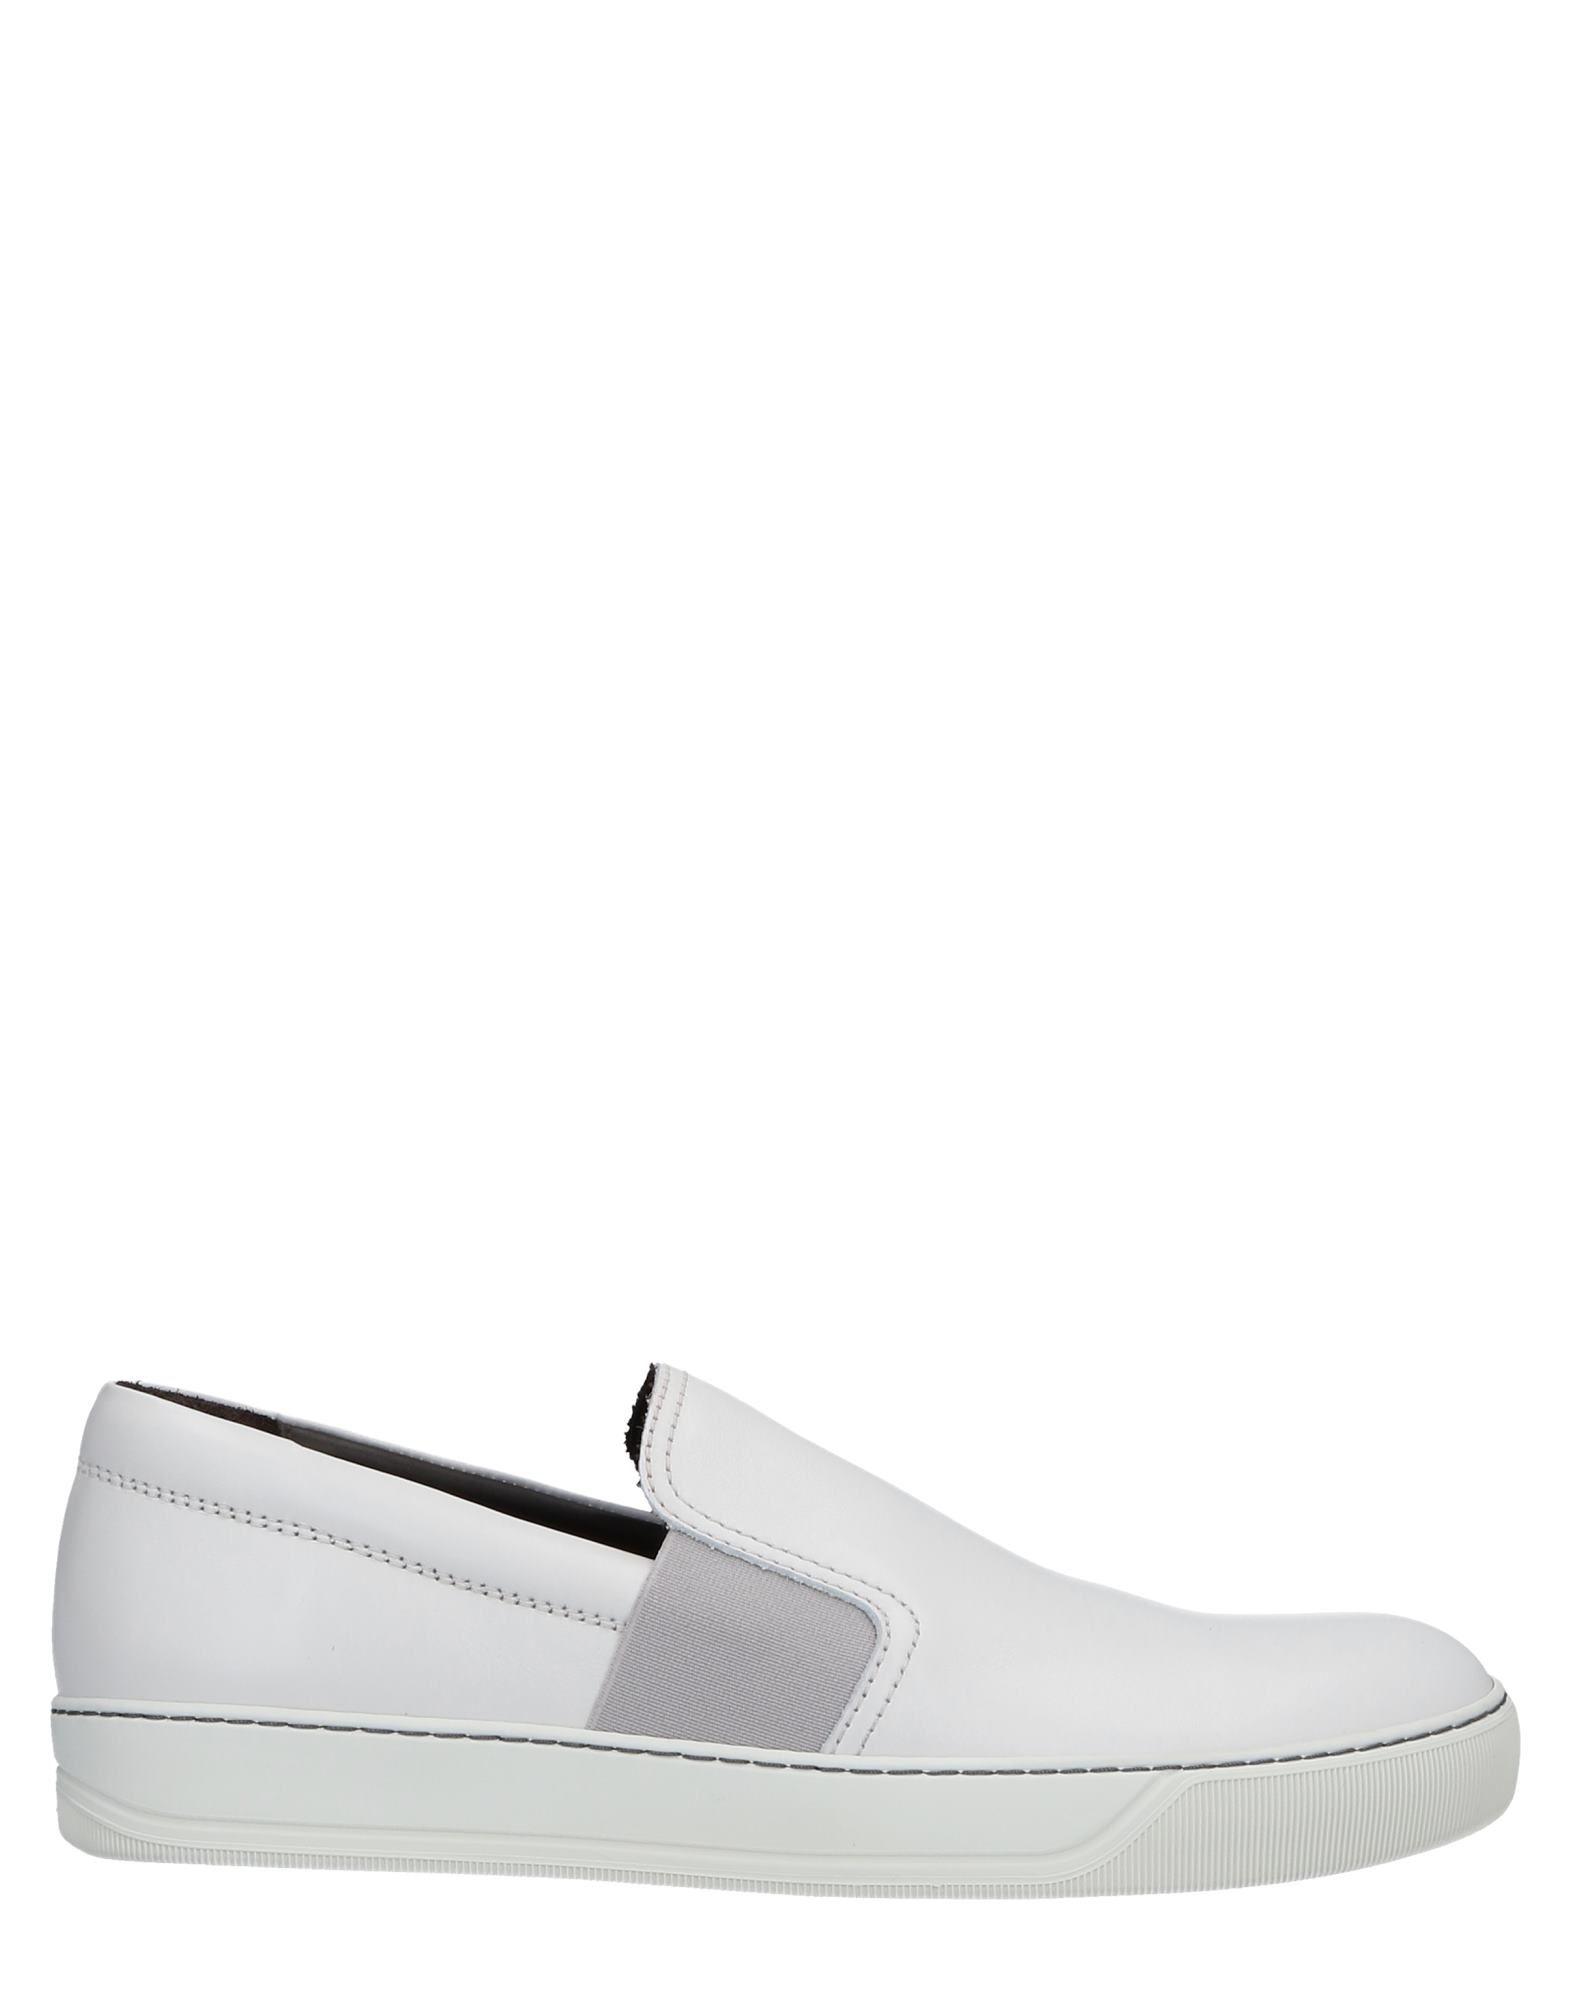 Lanvin Sneakers Herren  11514165IP Gute Qualität beliebte Schuhe